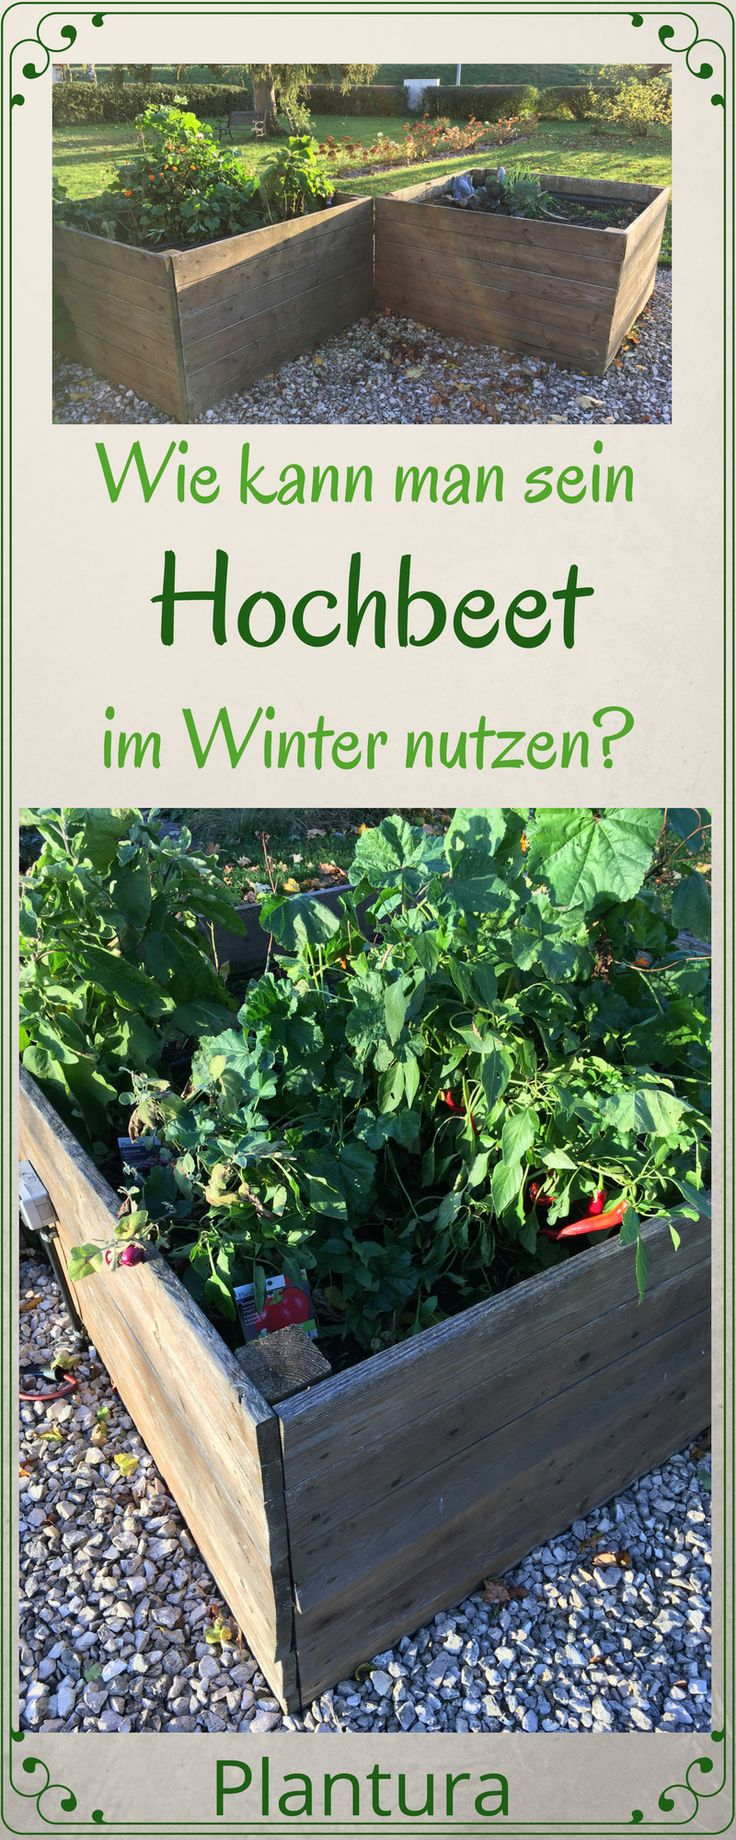 Wie kann man sein Hochbeet auch im Winter nutzen?